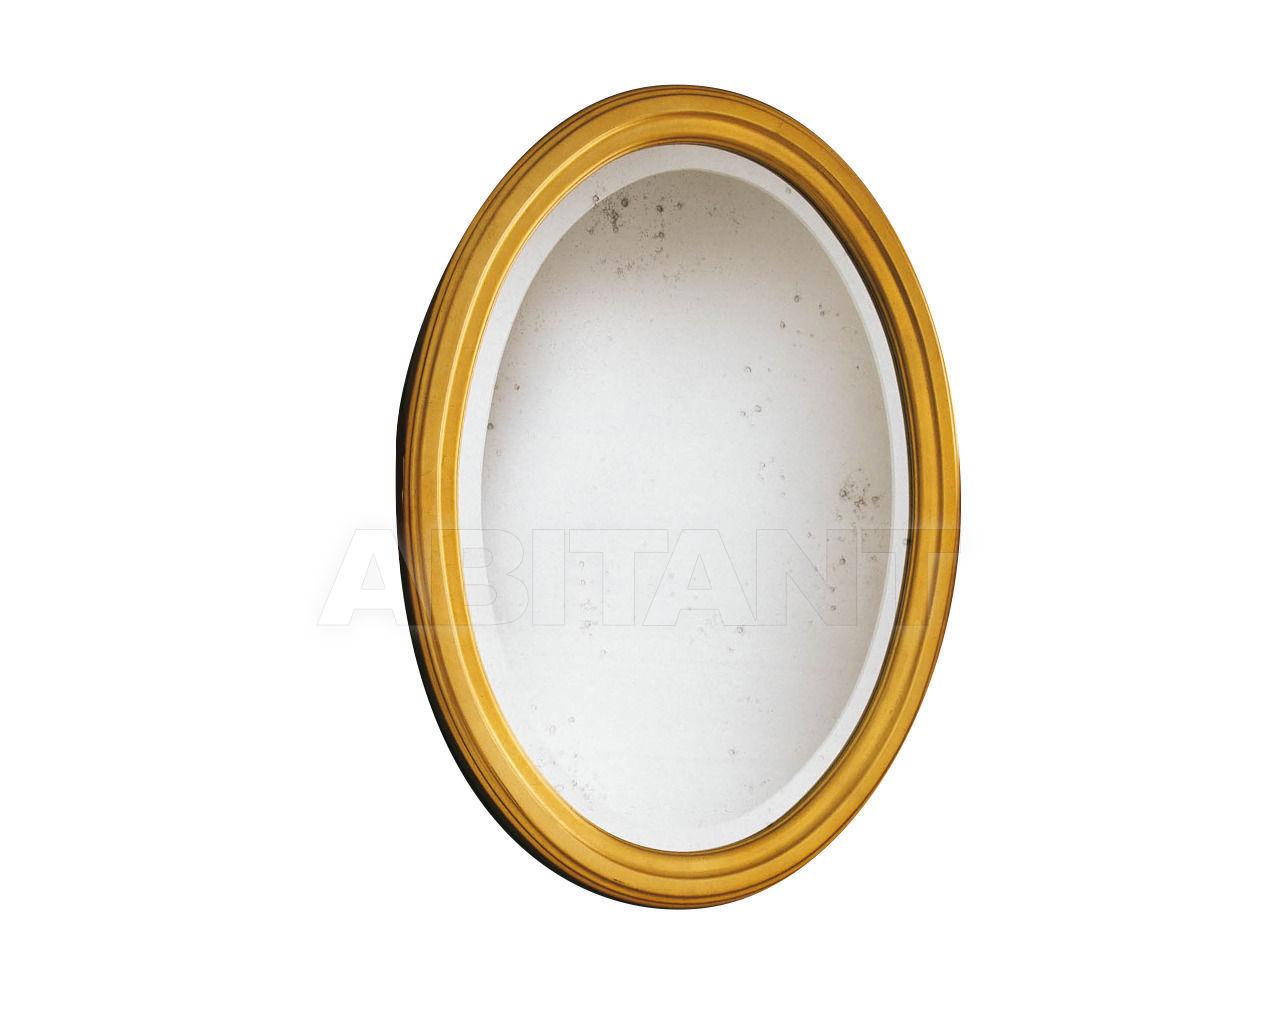 Купить Зеркало настольное radiosa Cenedese Classico V91